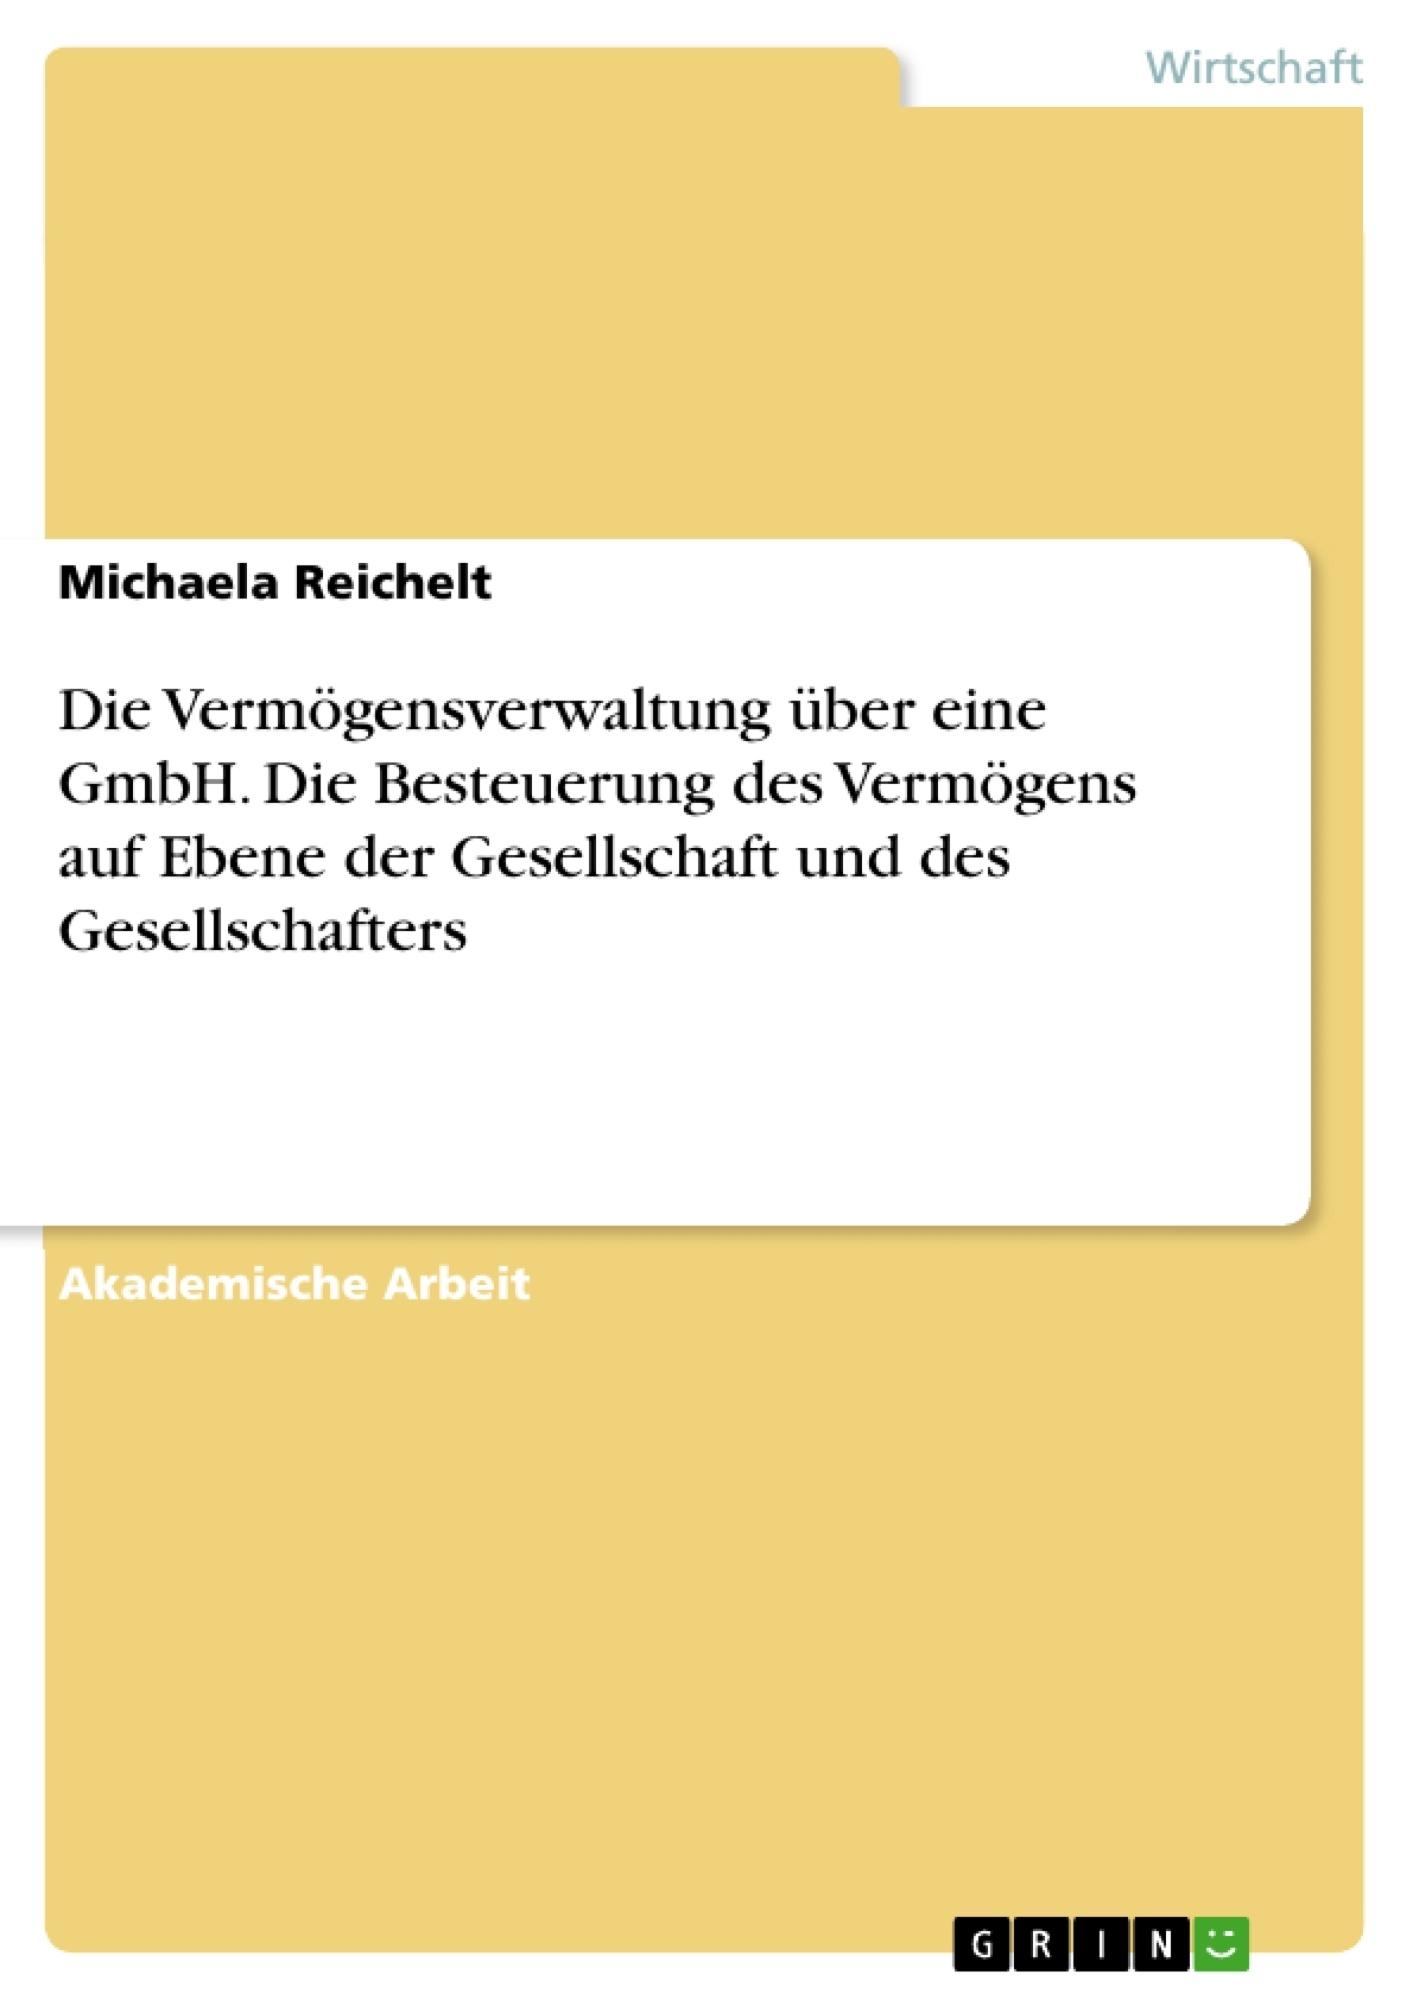 Titel: Die Vermögensverwaltung über eine GmbH. Die Besteuerung des Vermögens auf Ebene der Gesellschaft und des Gesellschafters